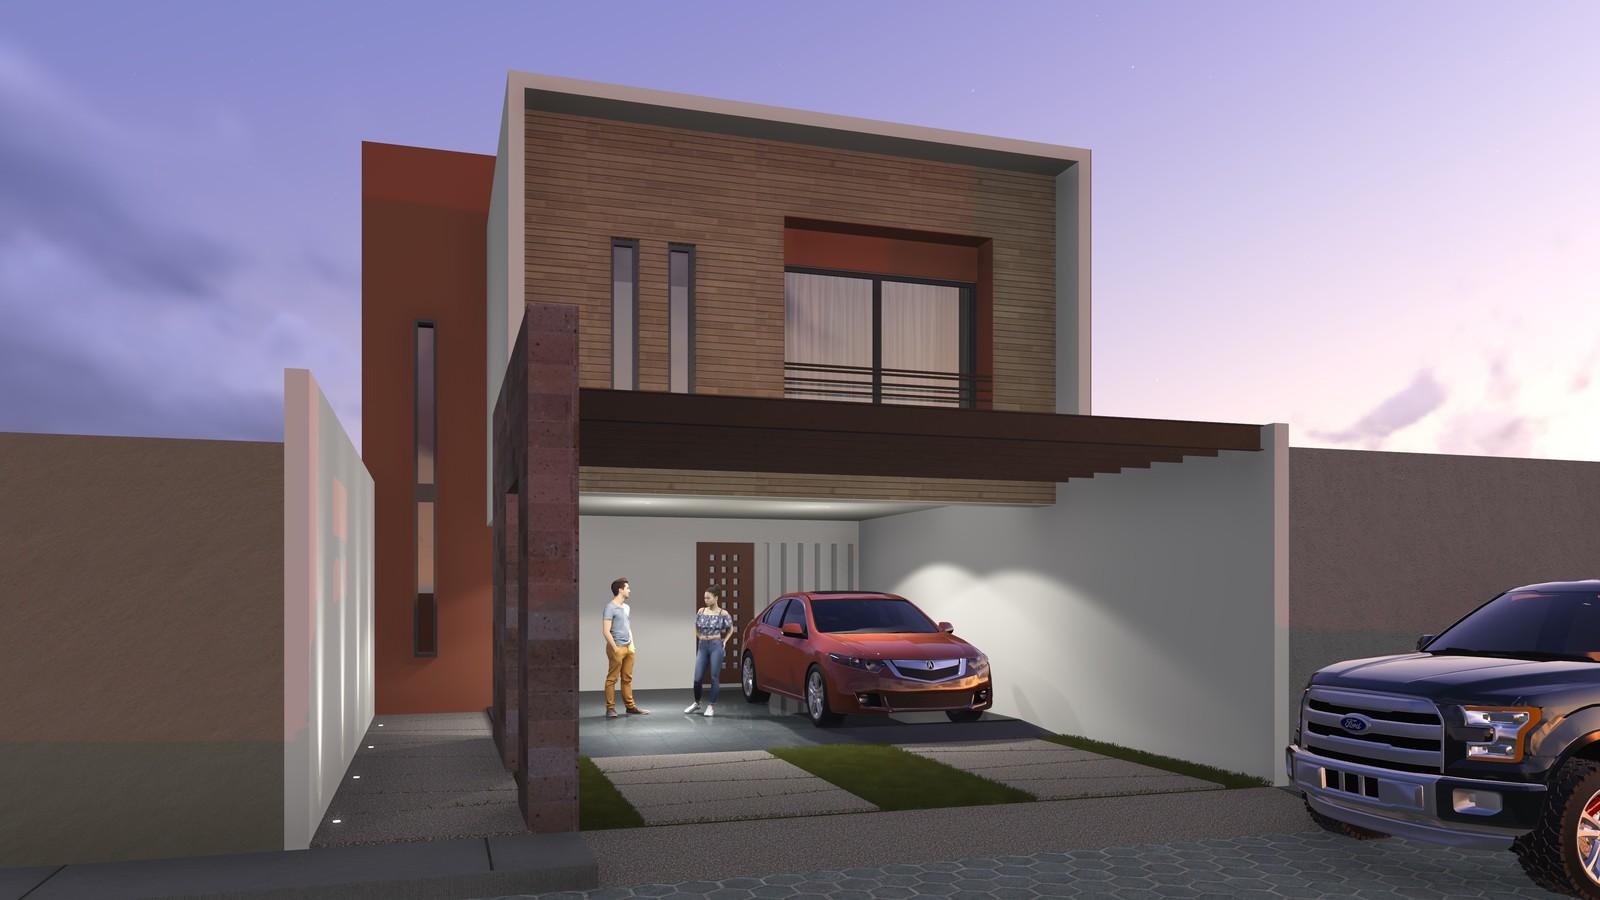 Casa 10 x 10, Mario Lebano   ArtStation